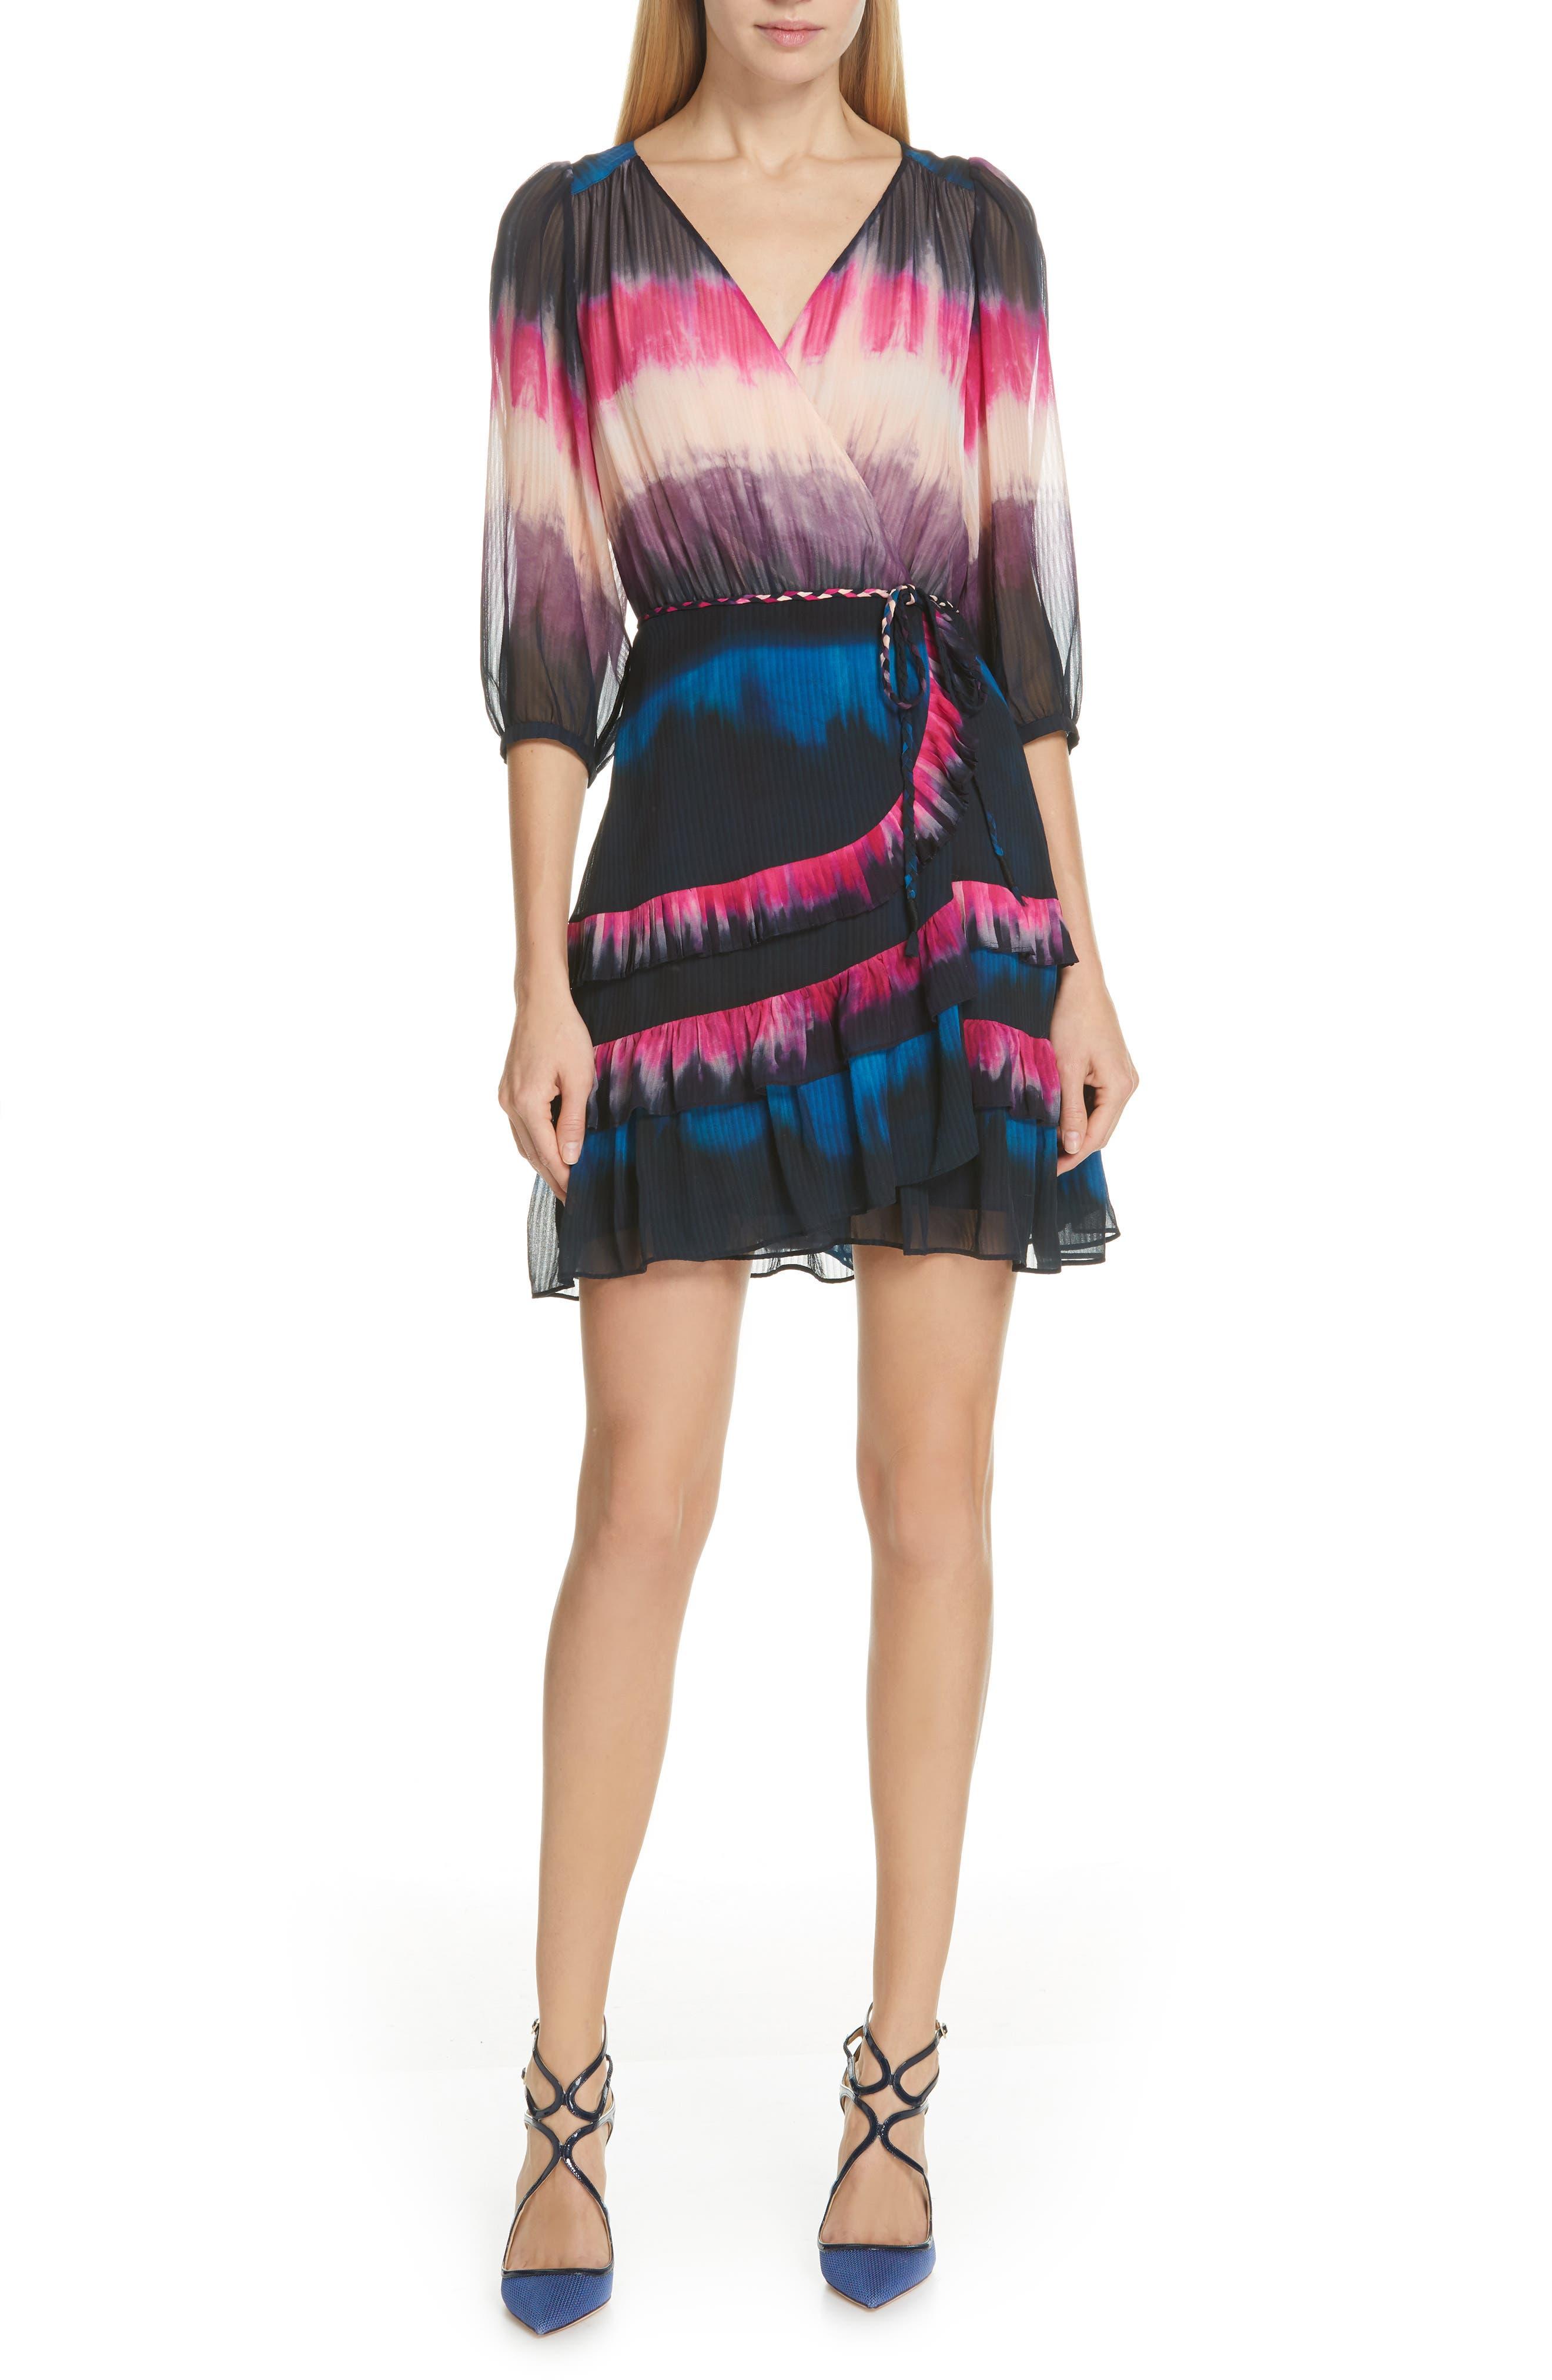 TANYA TAYLOR, Valeria Tie Dye Silk Faux Wrap Dress, Main thumbnail 1, color, TIE DYE STRIPE